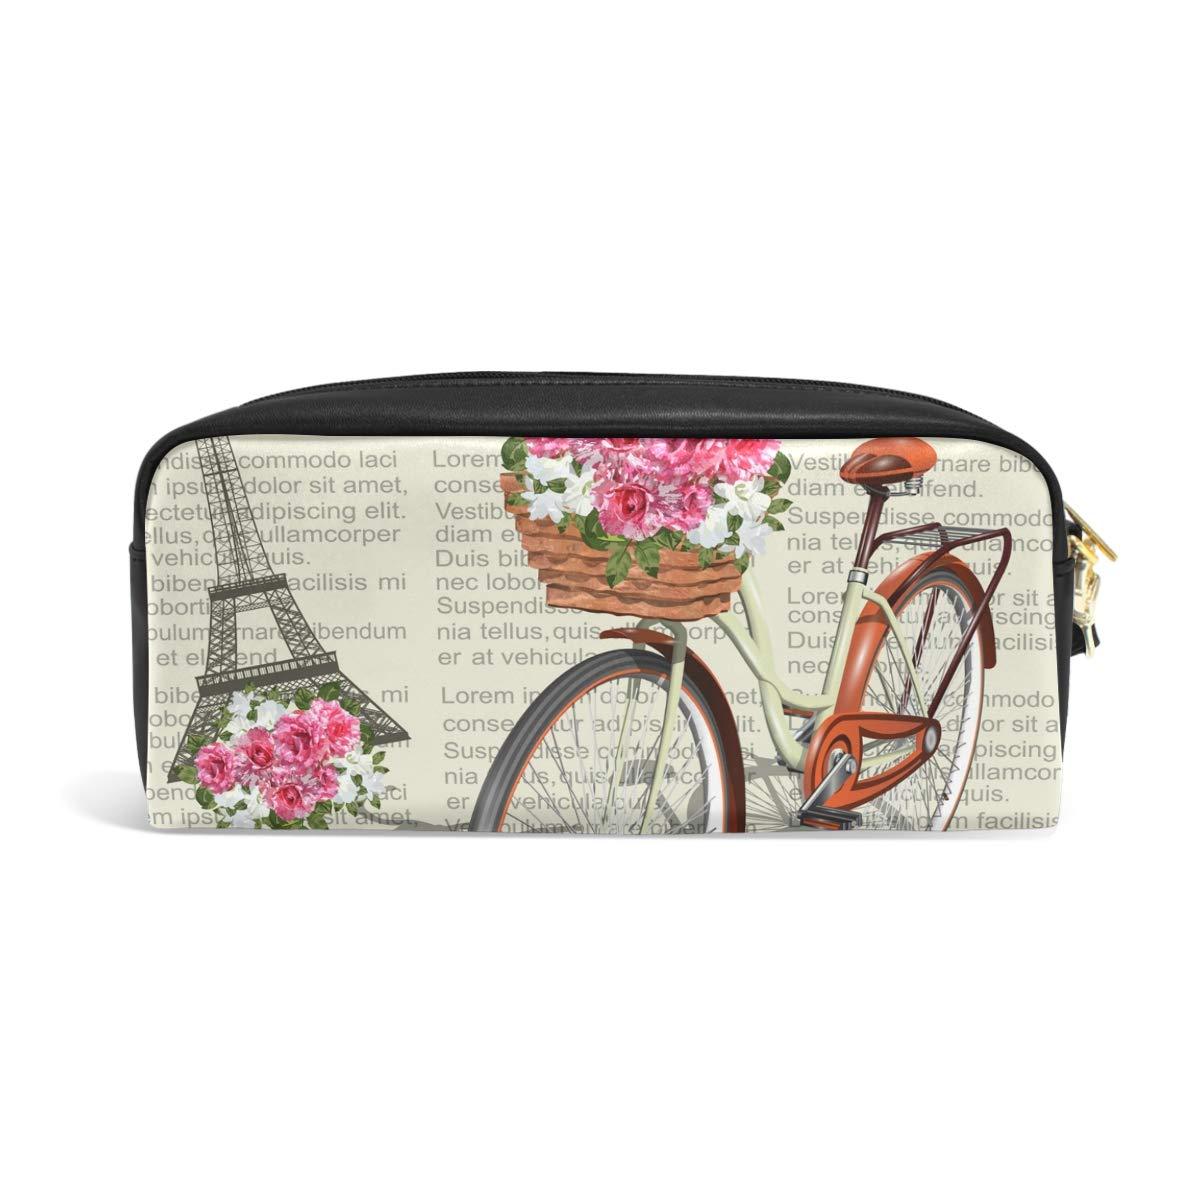 JSTEL Paris - Estuche escolar para niños, adolescentes, cosméticos, neceser de maquillaje para mujer, bolsa de papelería duradera de gran capacidad: Amazon.es: Oficina y papelería